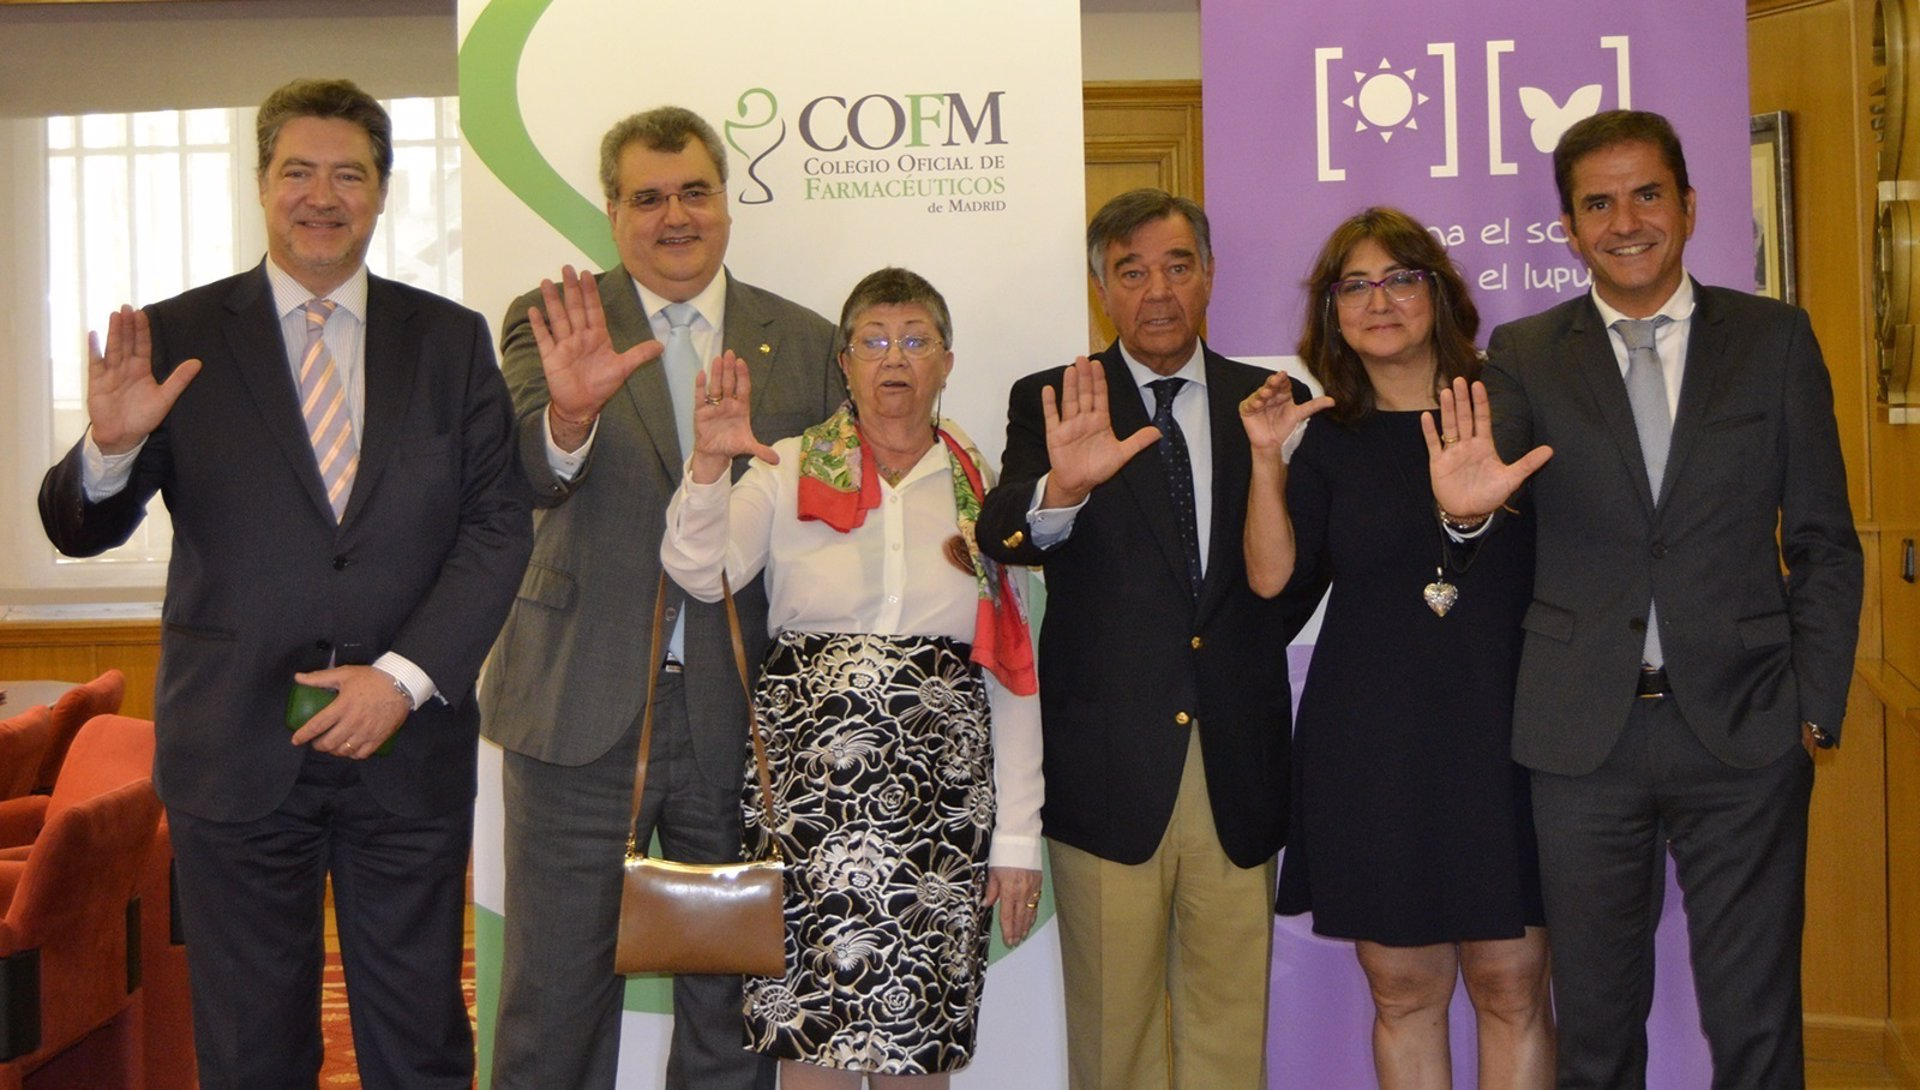 Las farmacias facilitarán a los pacientes de lupus el acceso a fotoprotectores con 'condiciones muy ventajosas'